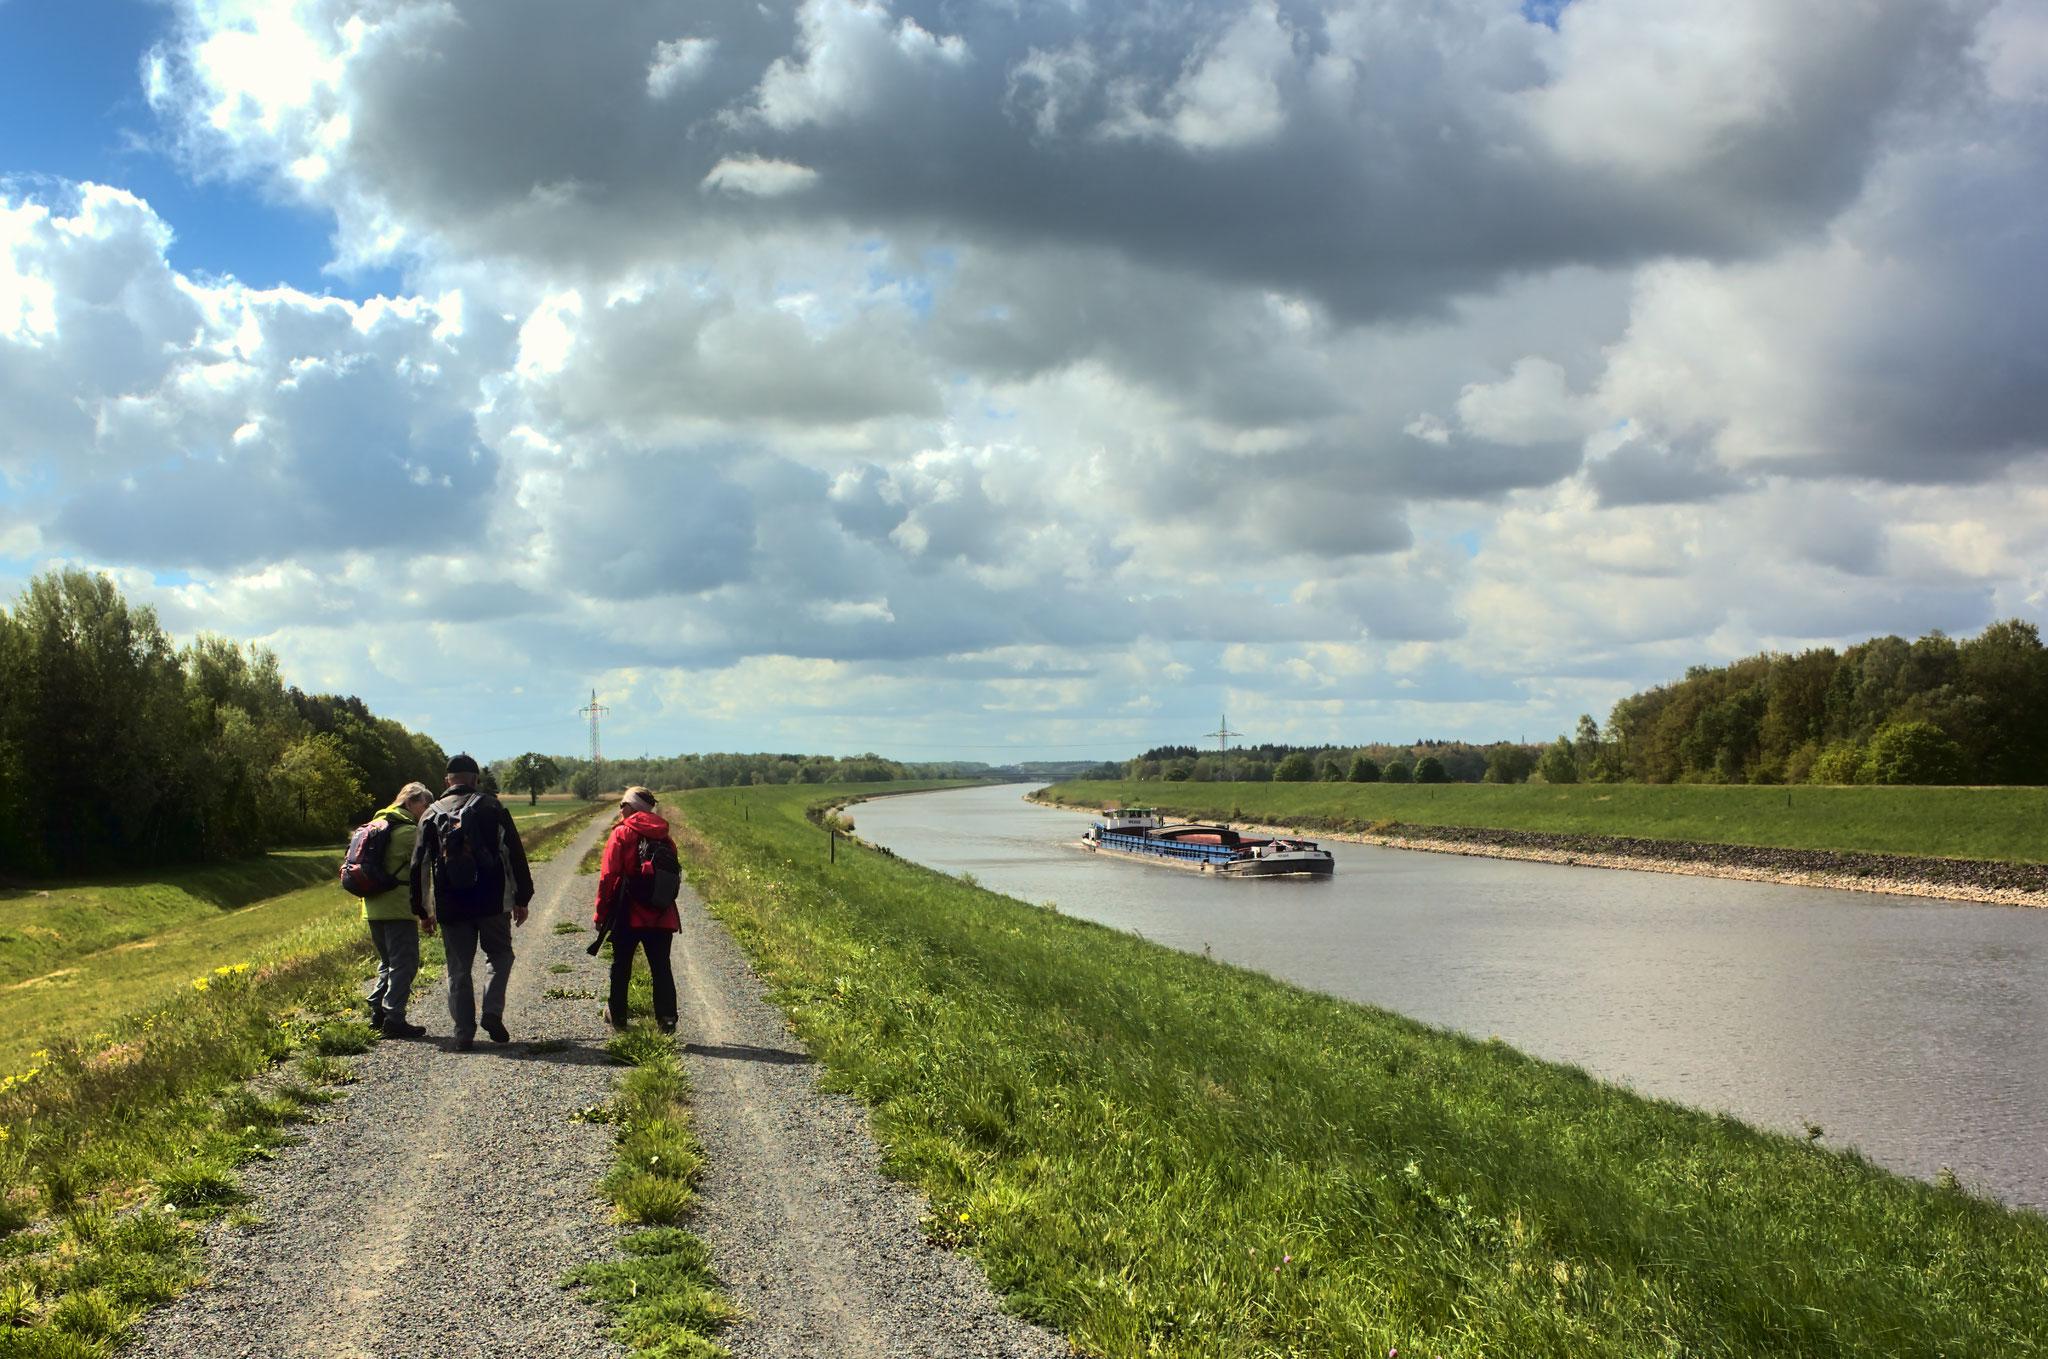 Auf dem Dammweg am Elbe-Seitenkanal Richtung Lüneburg am 04.05.2019